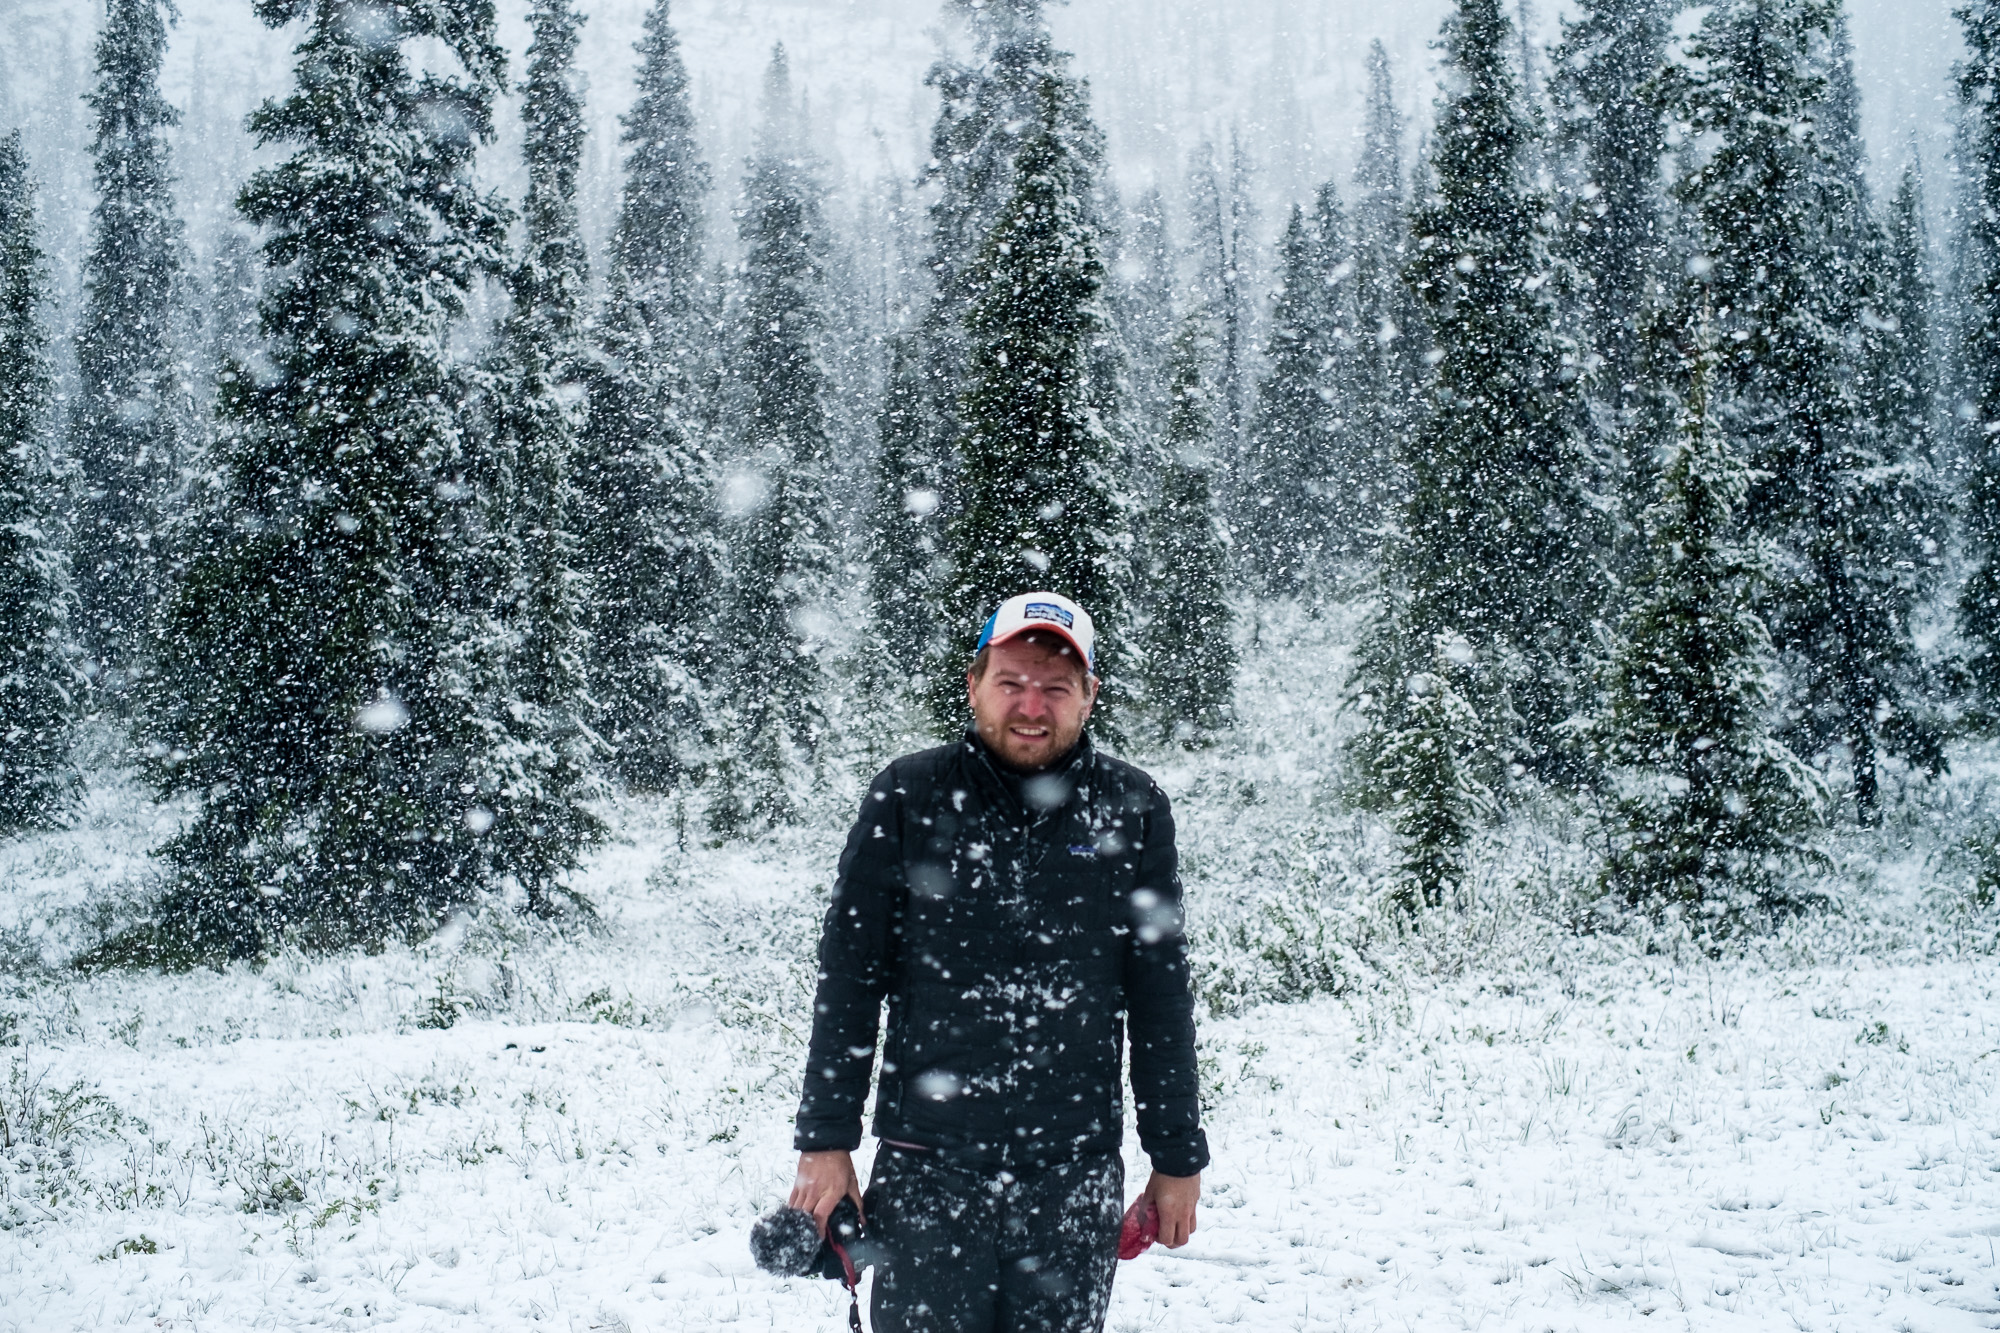 The Sunnyside 2017 - Alaska Highway 03 - Der Schnee lässt es erahnen: Es ist kalt.